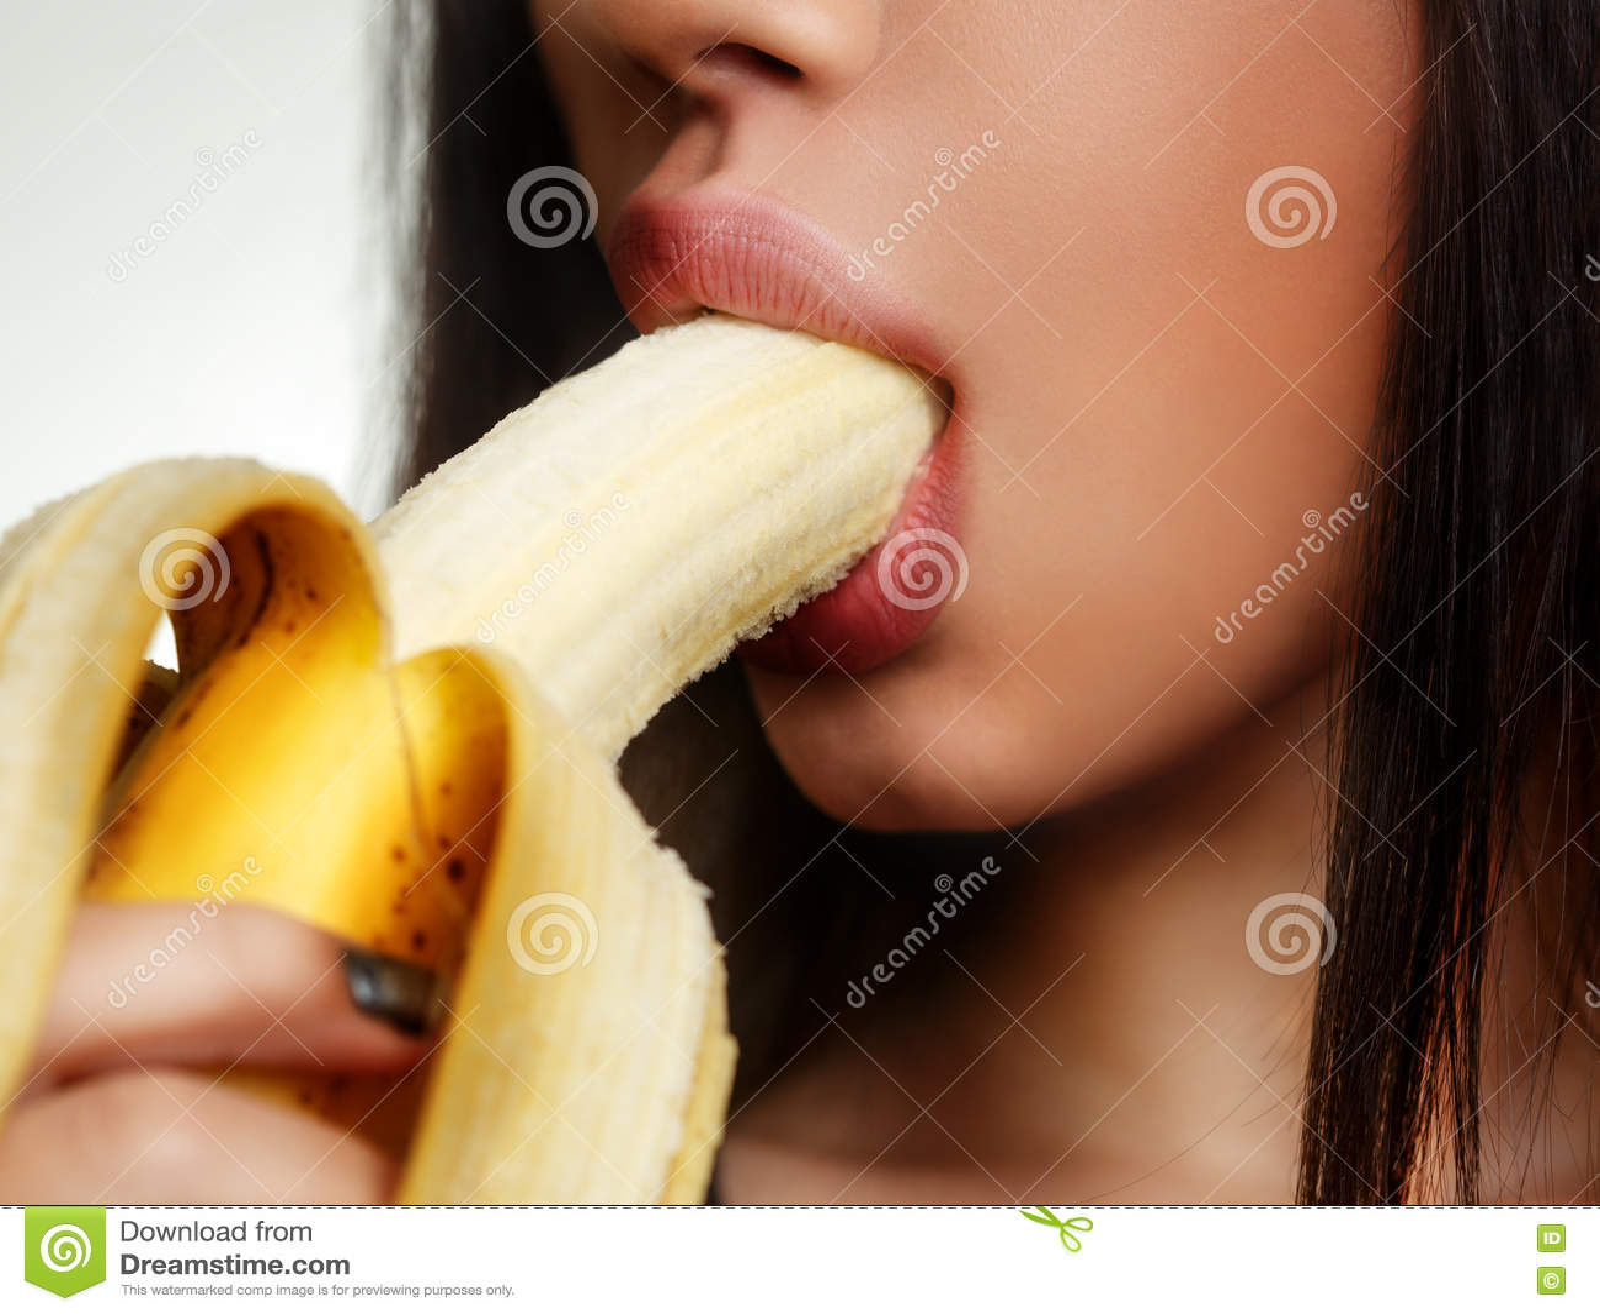 Сексе с бананами, попки в тугих джинсах фото